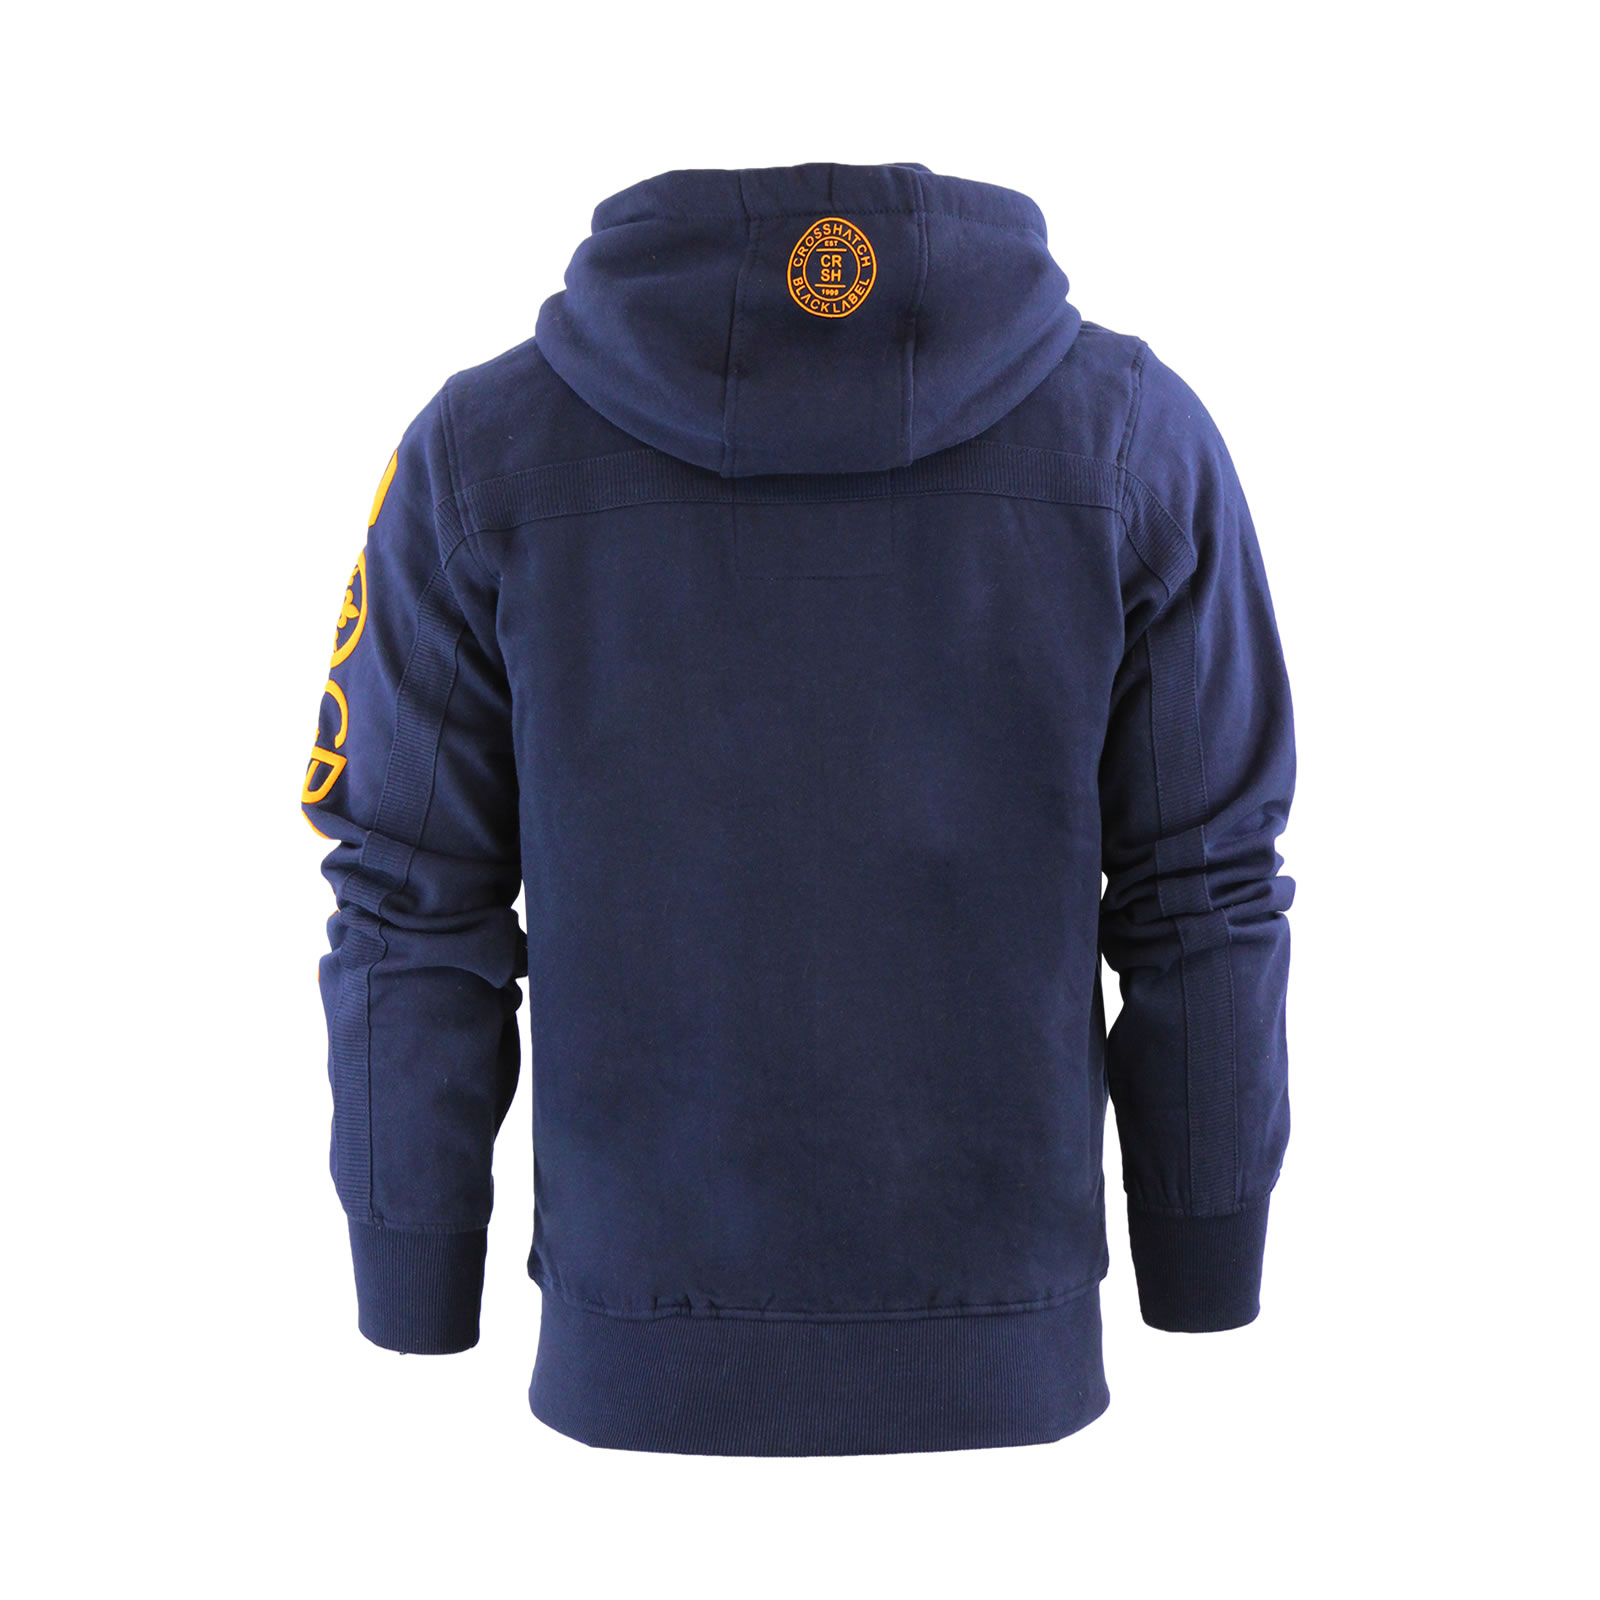 Mens-Hoodie-Crosshatch-Ribbler-Zip-Up-Hooded-Jacket-Pullover-Jumper-Sweatershirt thumbnail 13